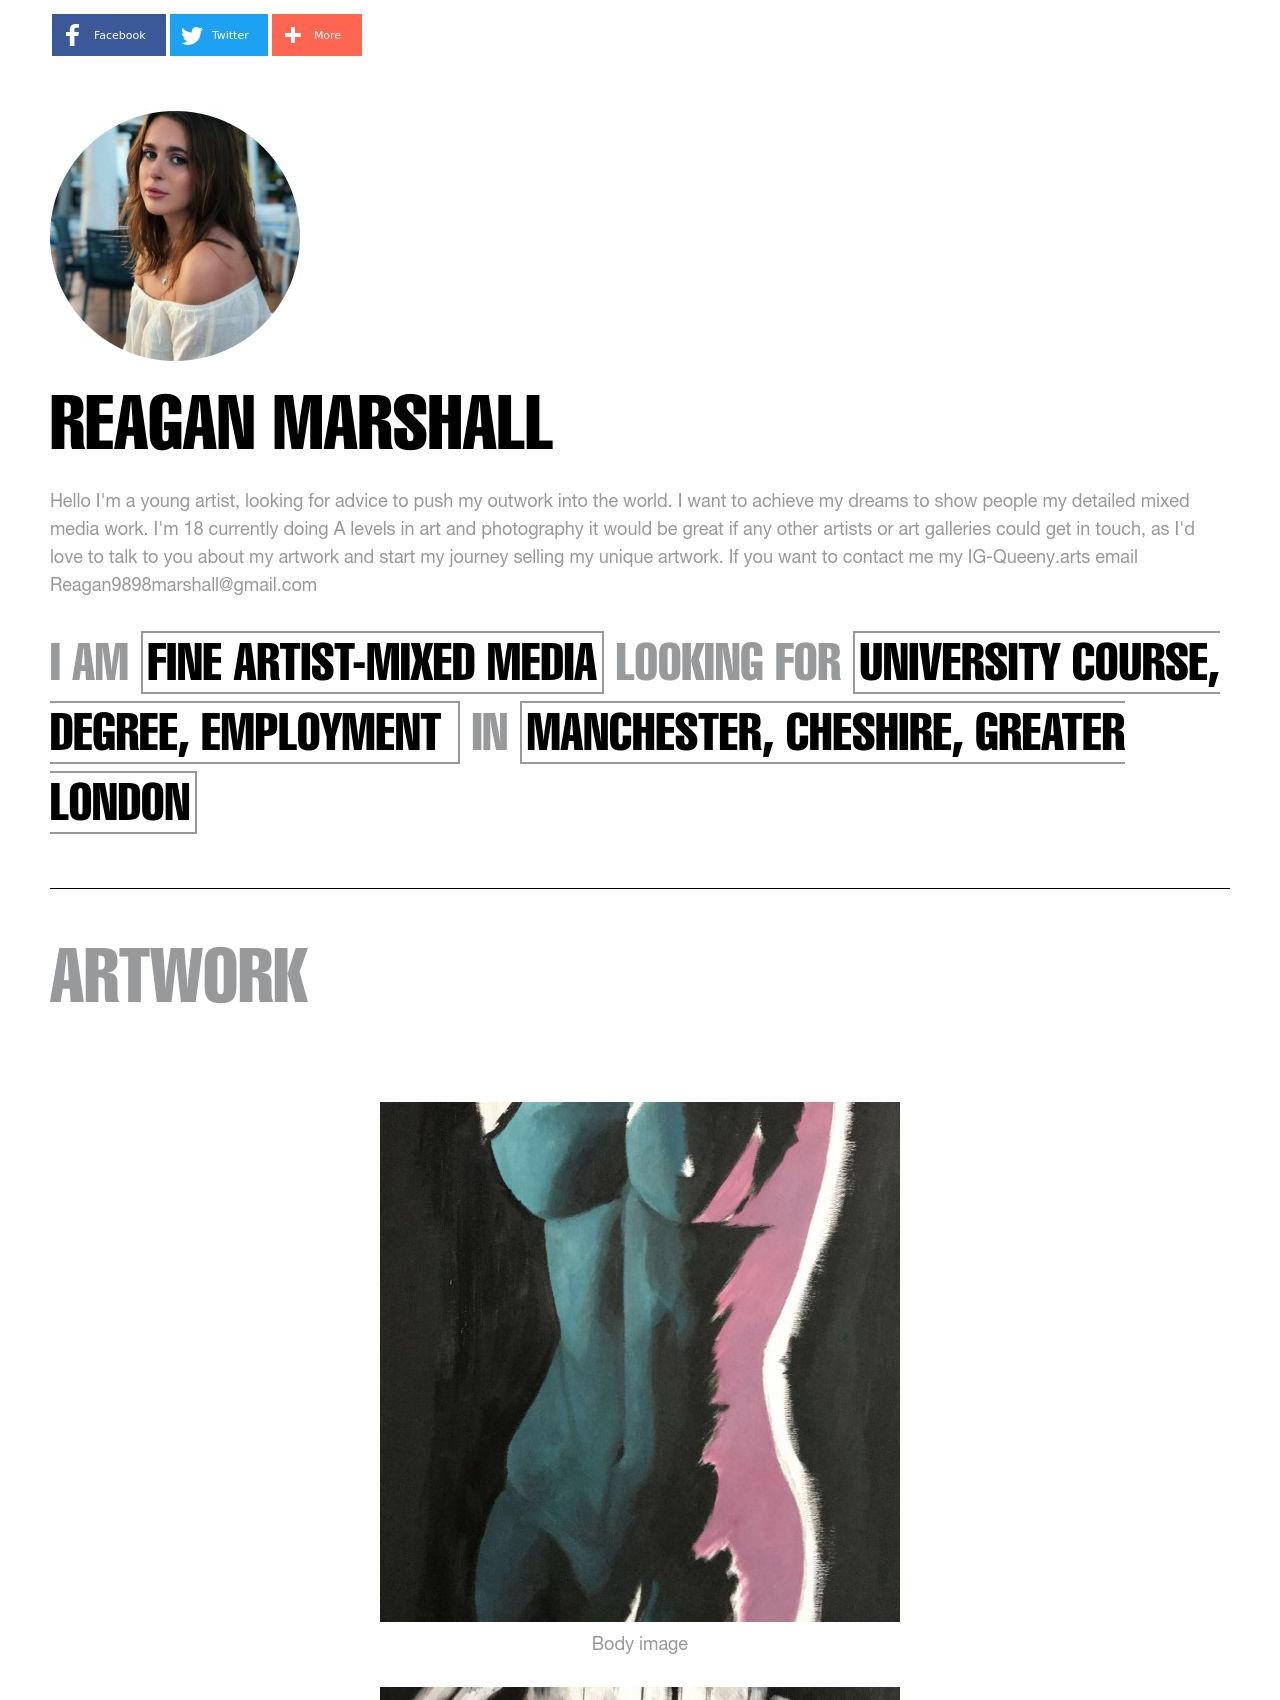 Reagan Marshall